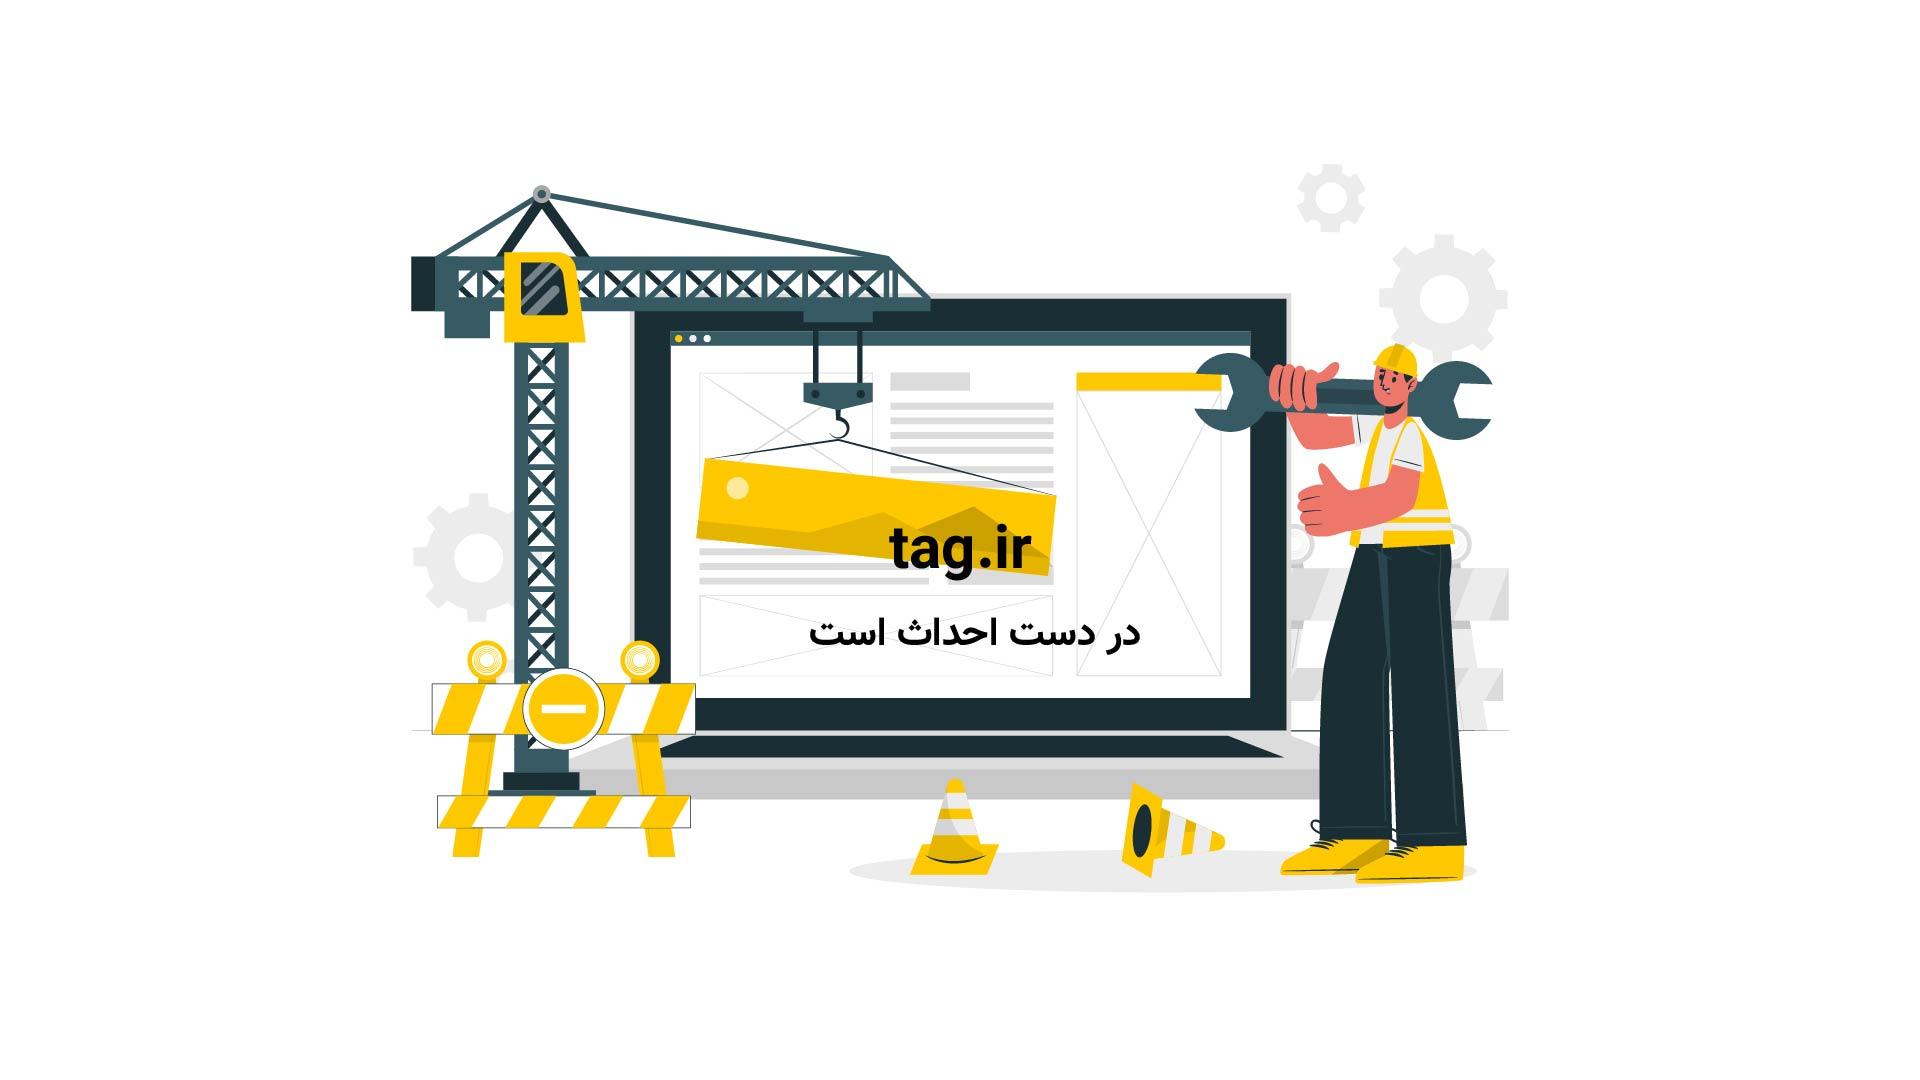 بیش از ۱۶۰۰ نوجوان مهاجر کاله را ترک کردند | فیلم